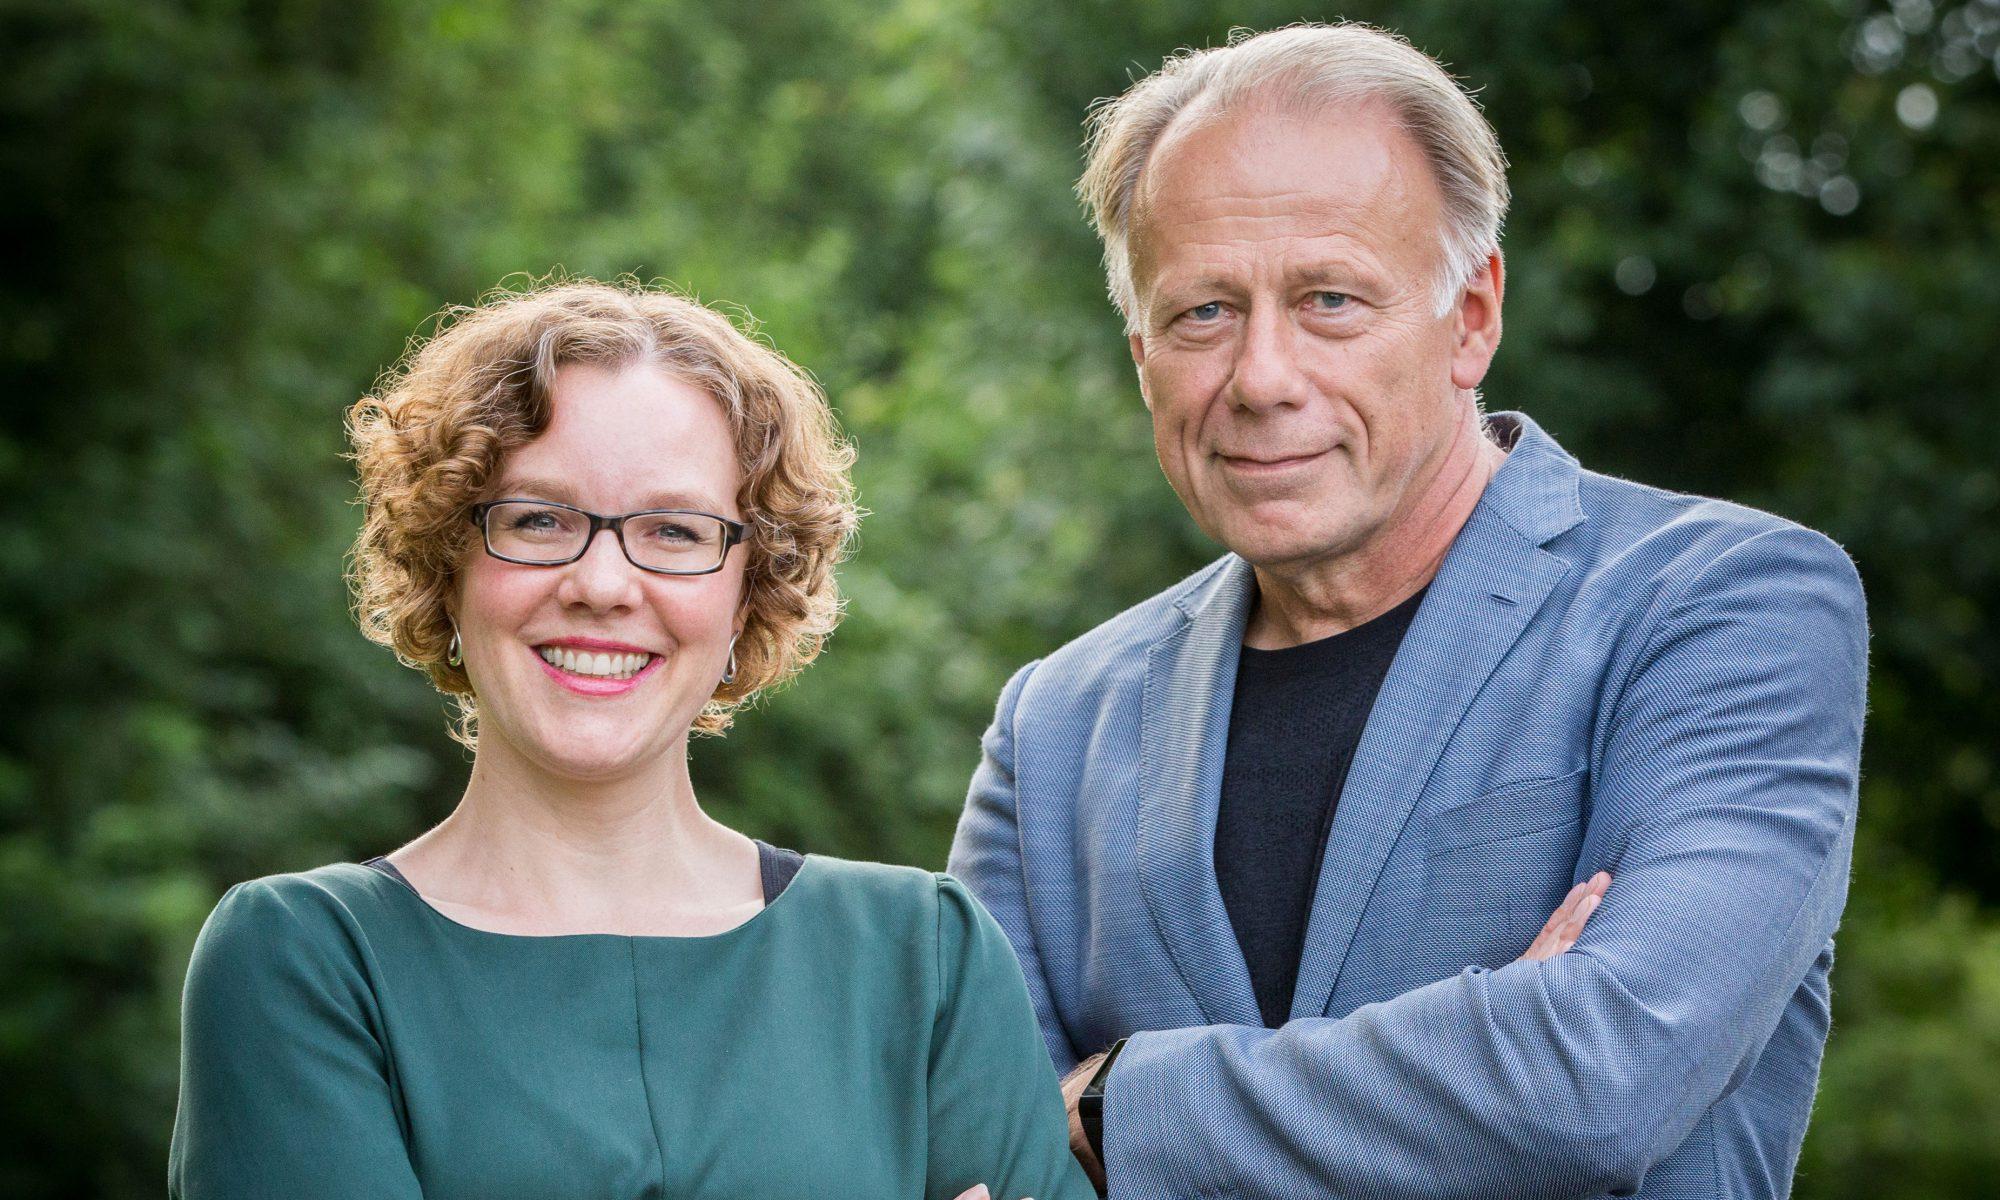 Julia Verlinden und Jürgen Trittin, Ankündigung Wahlkampfhöhepunkt